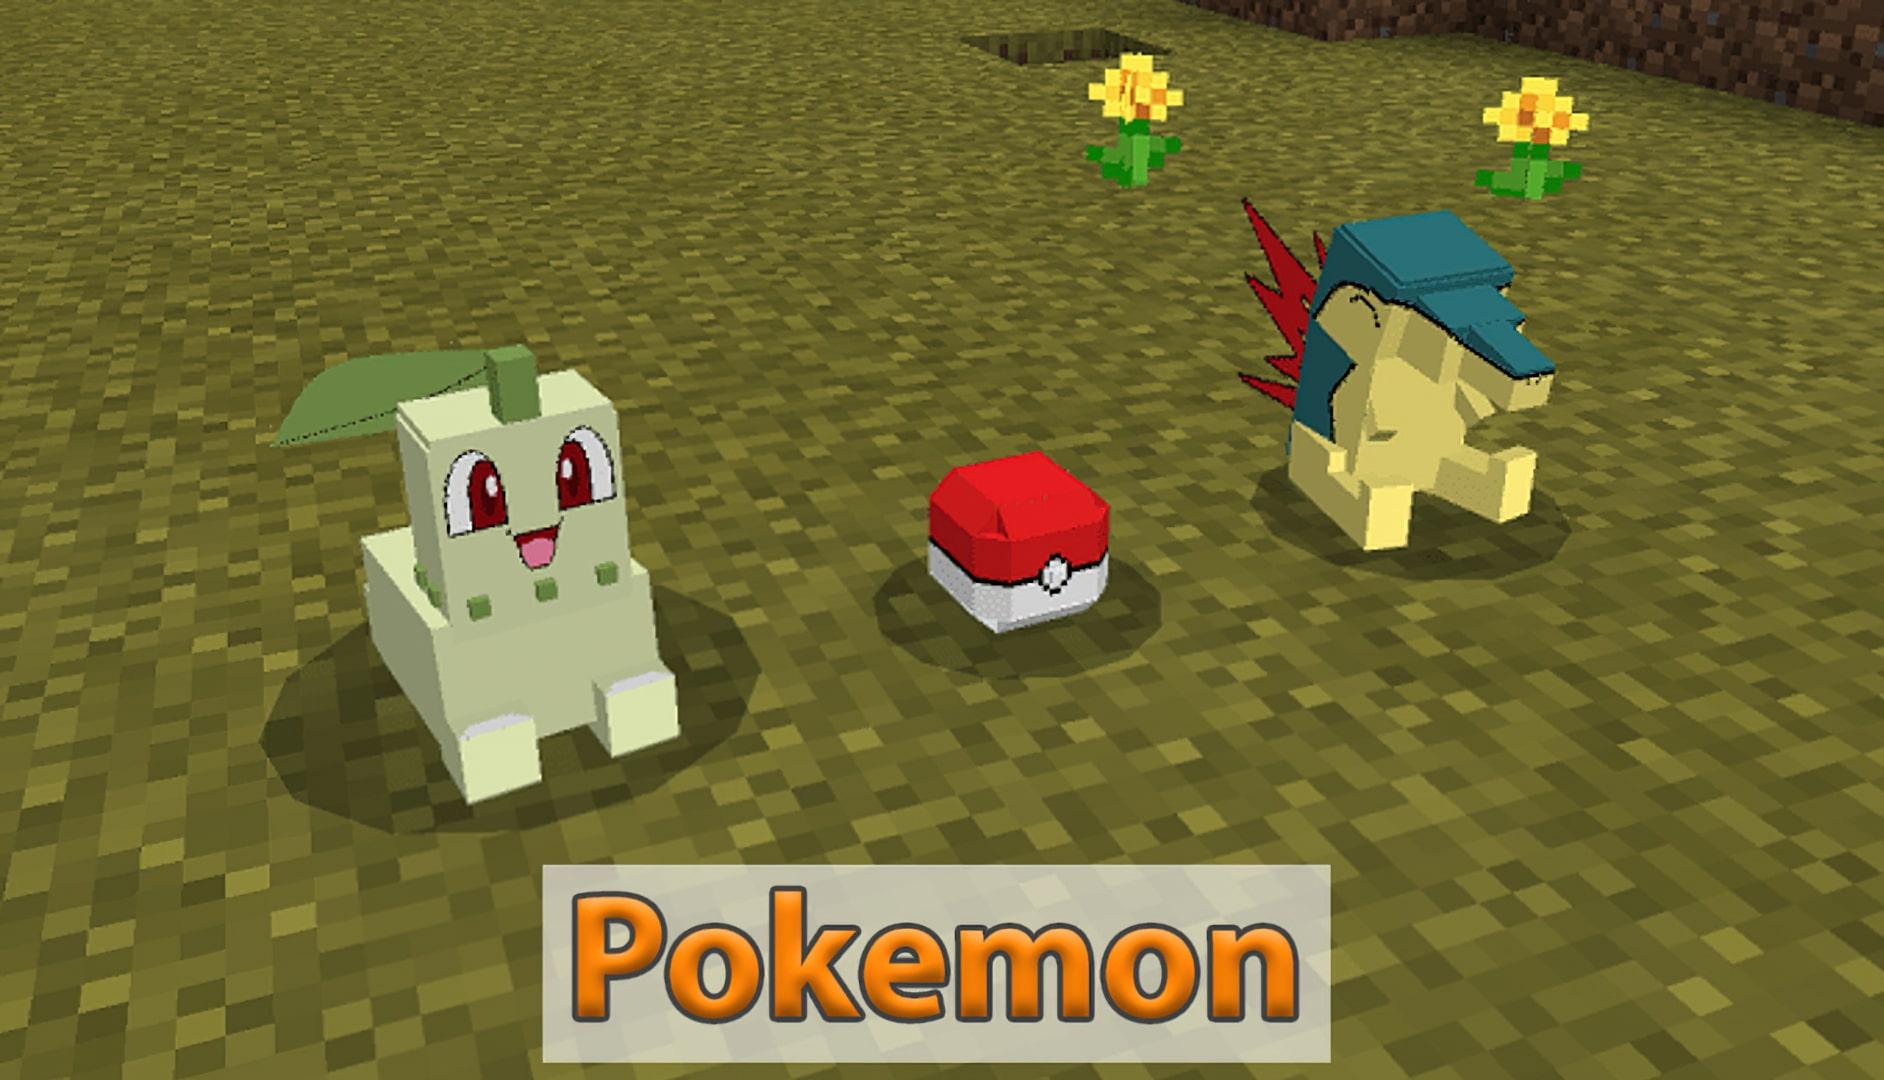 Pokemon in Minecraft